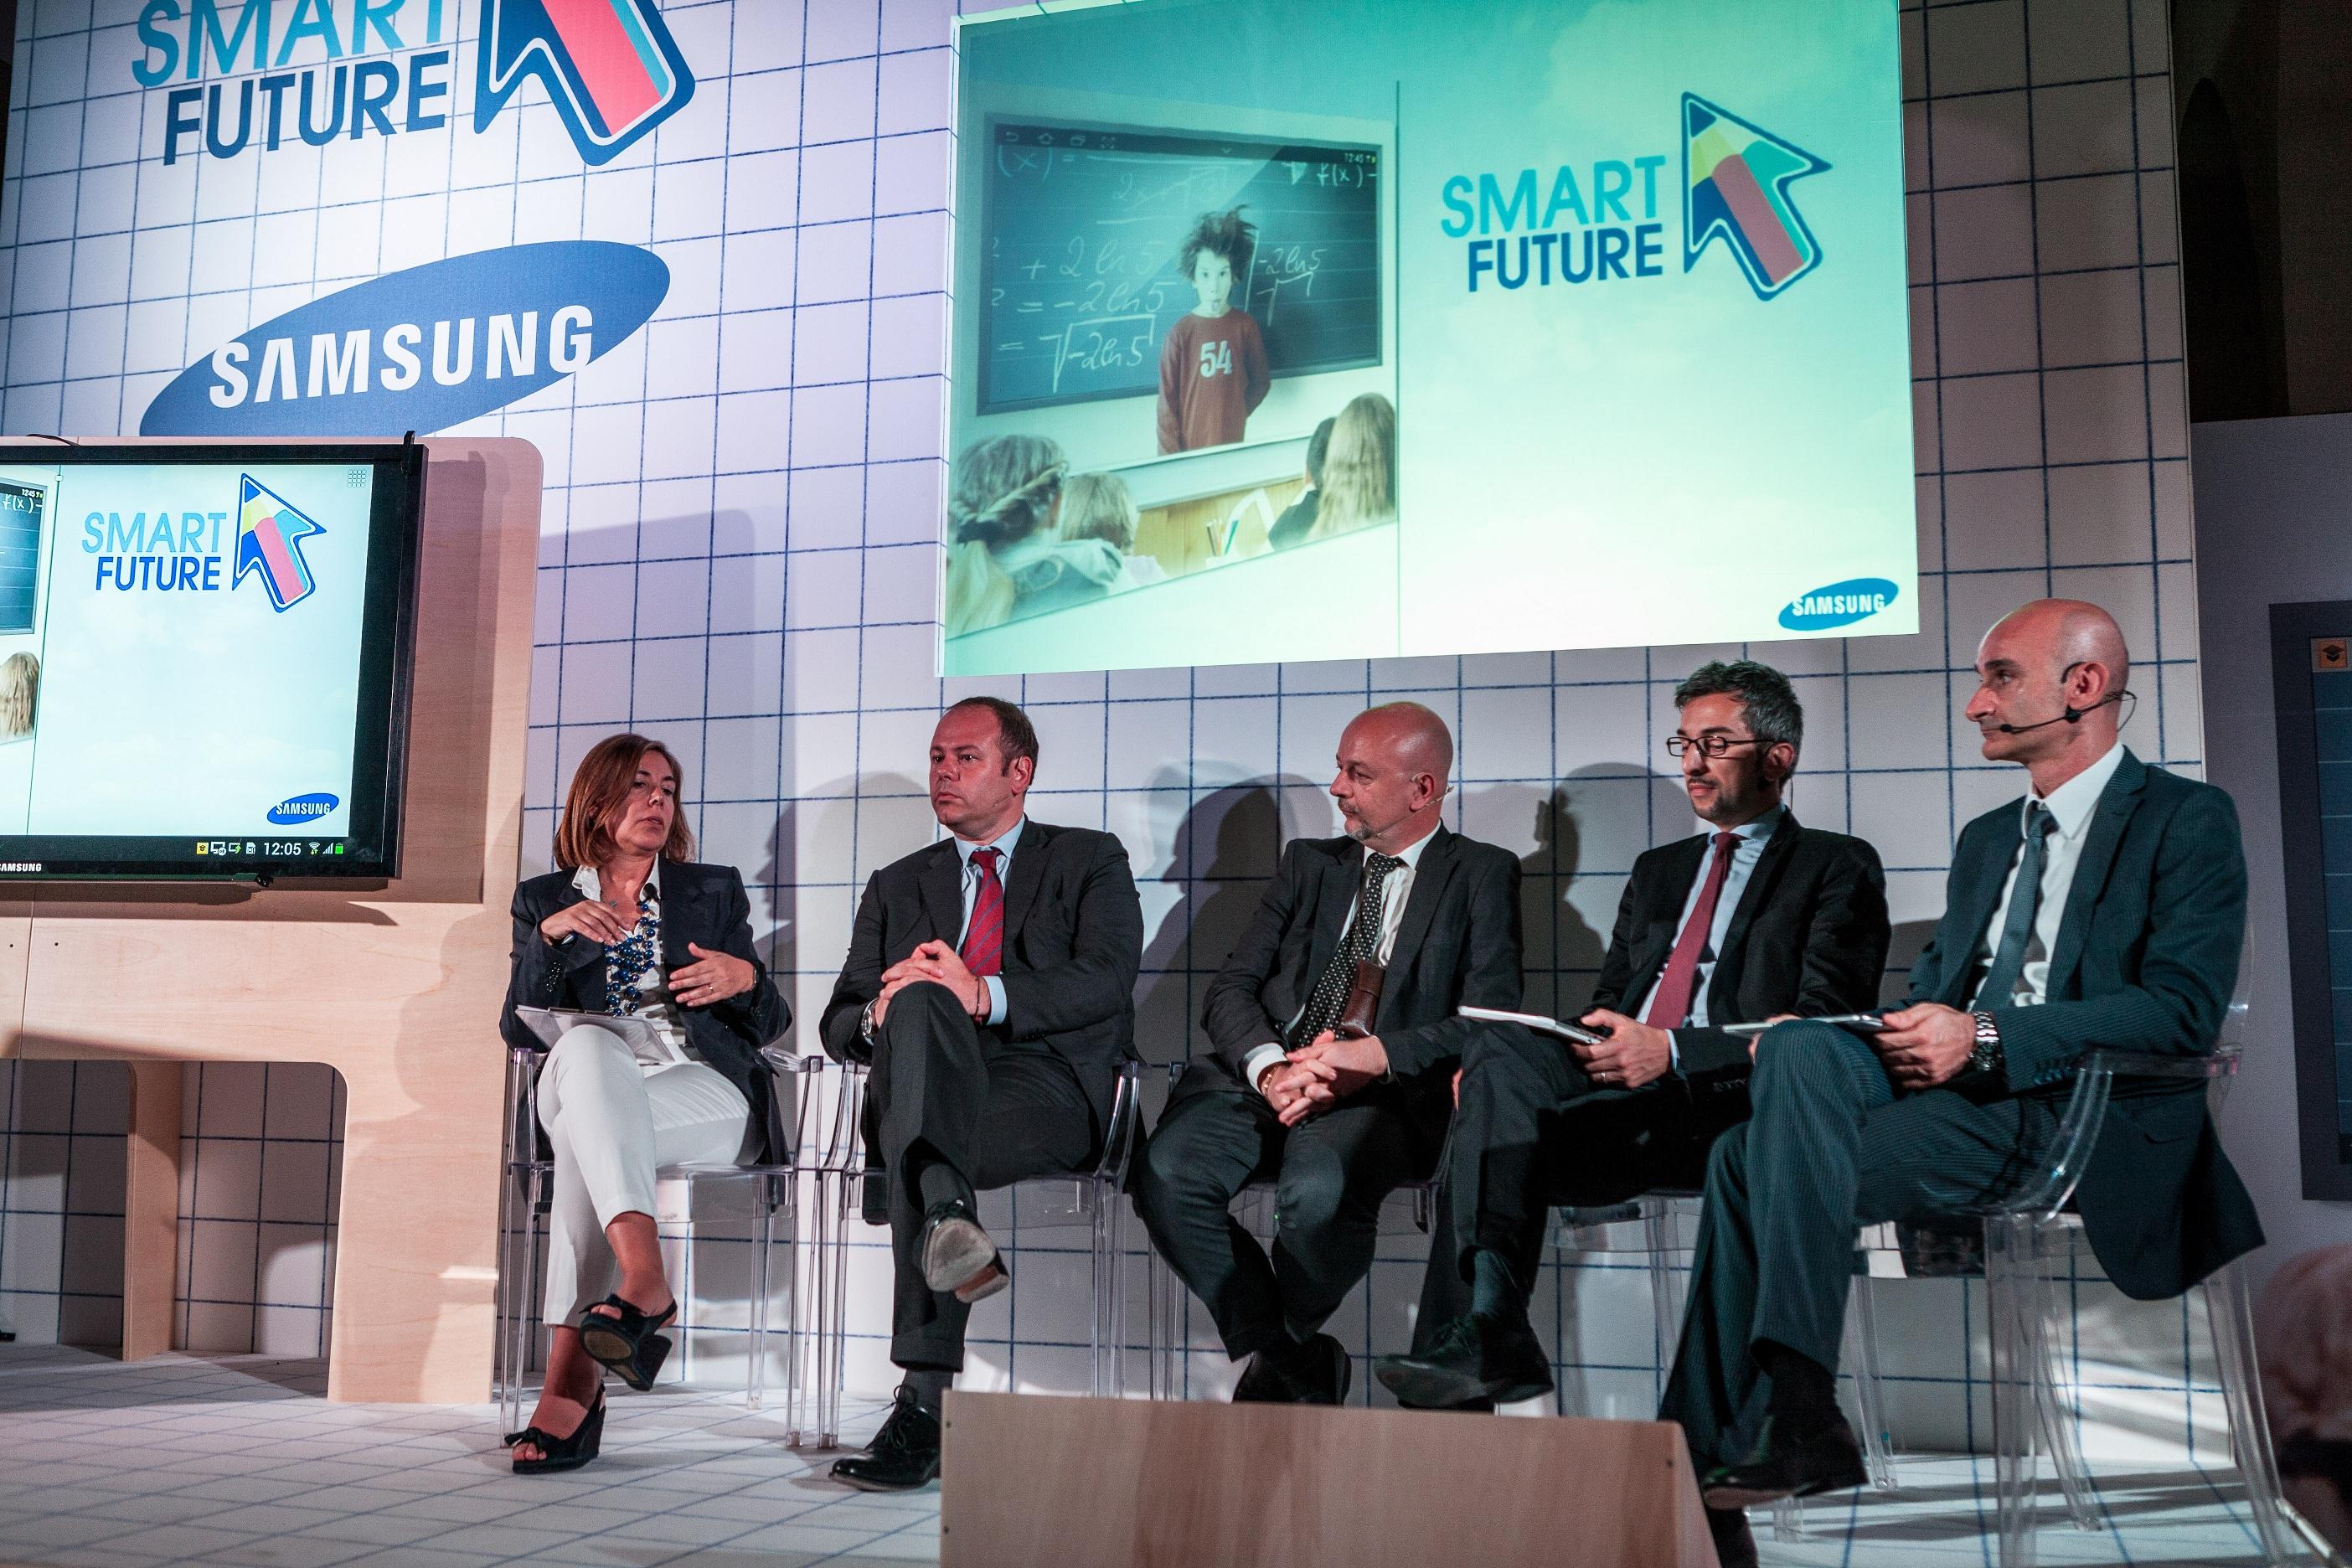 Novità| SMART FUTURE: Se la tecnologia cambia la scuola (e la vita)